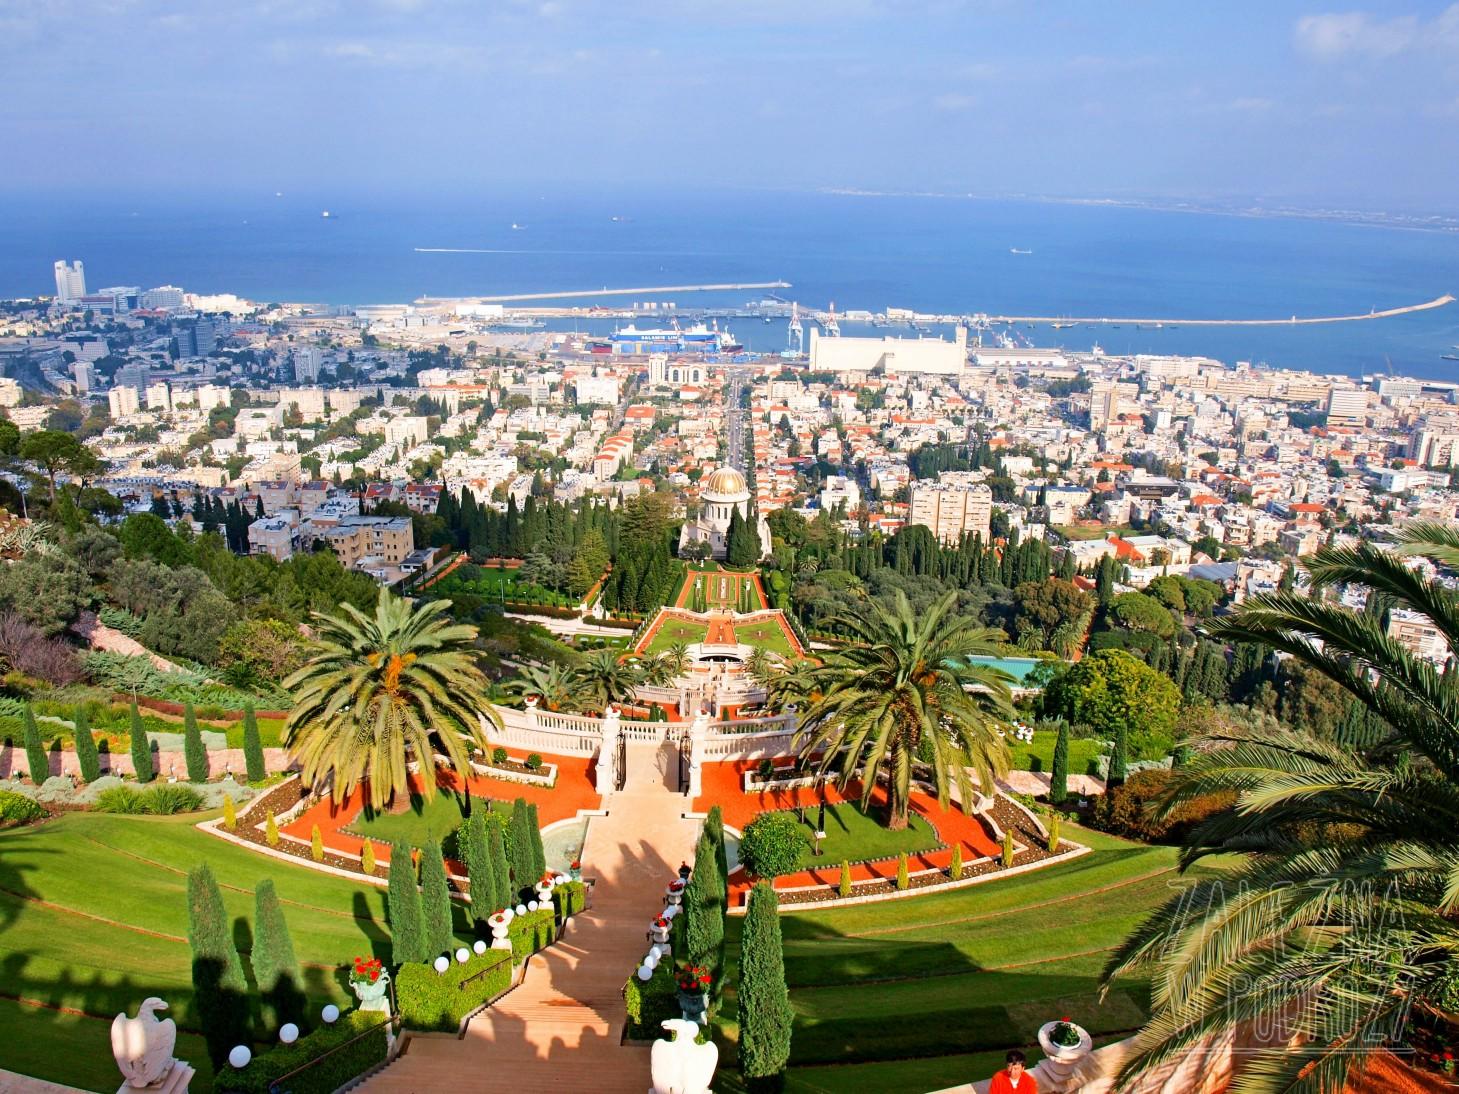 Izrael ciekawe miejsca i najwieksze atrakcje (2)